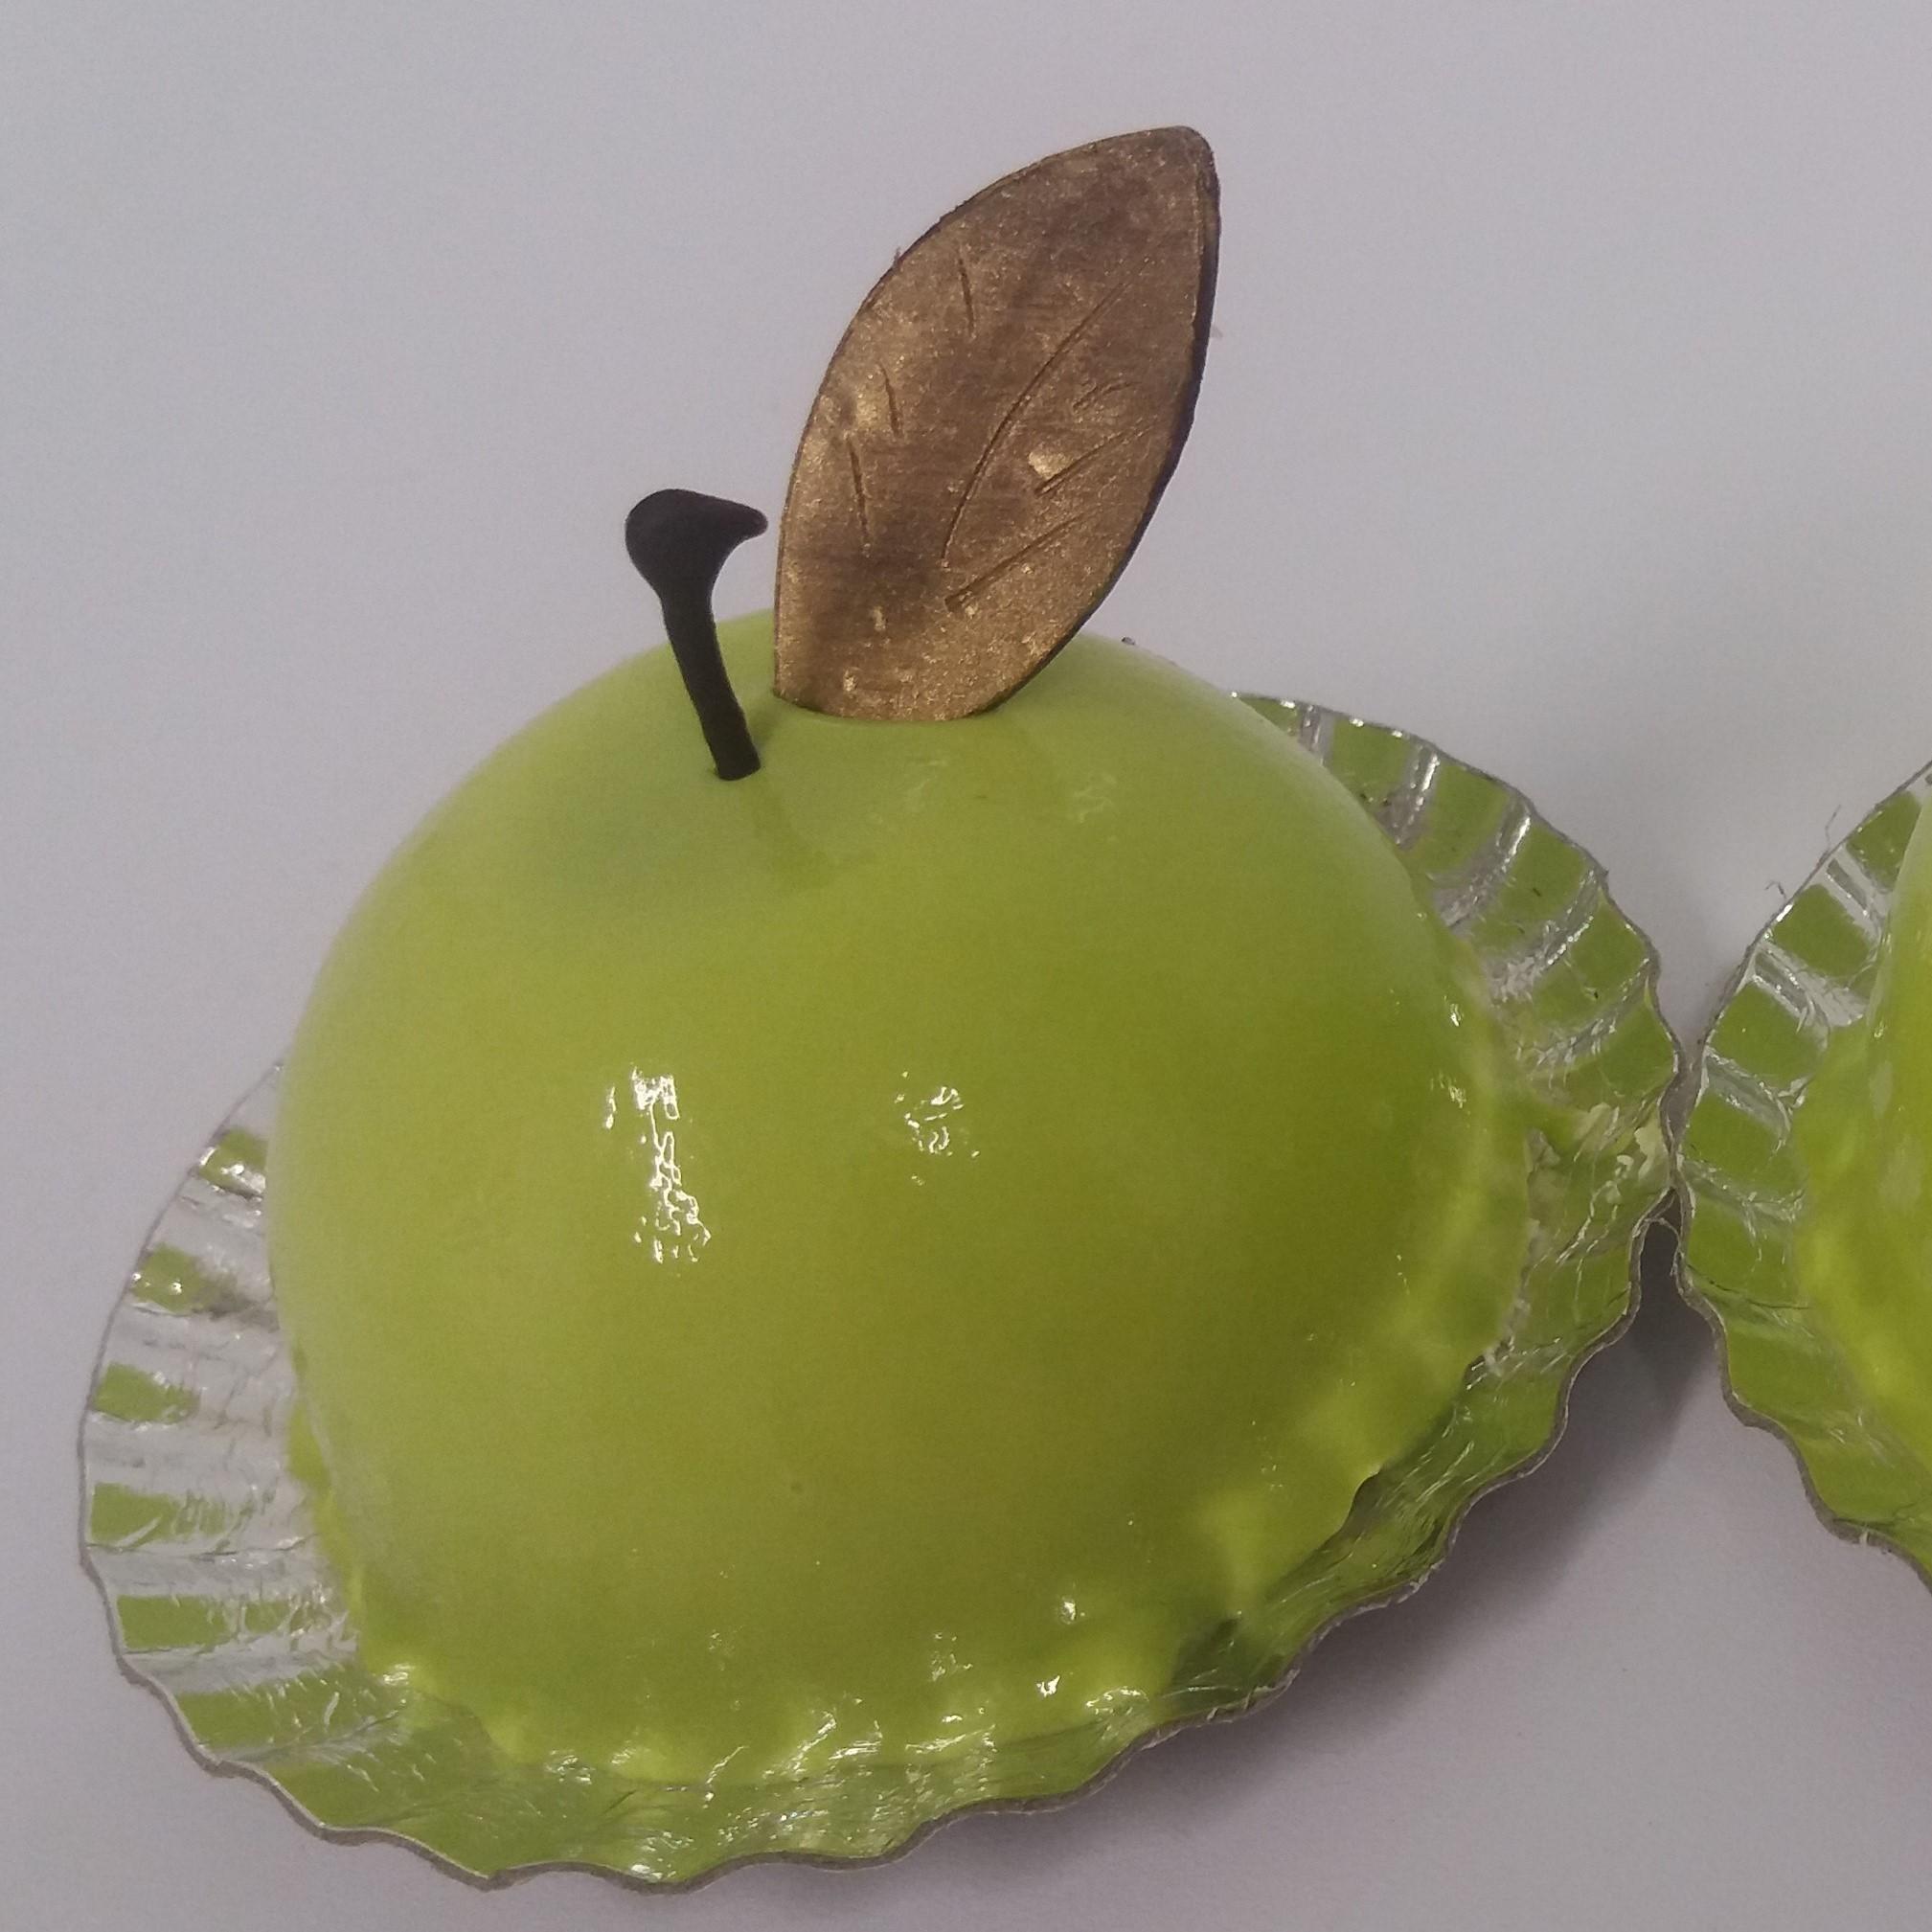 mousse pomme verte citron vert carre